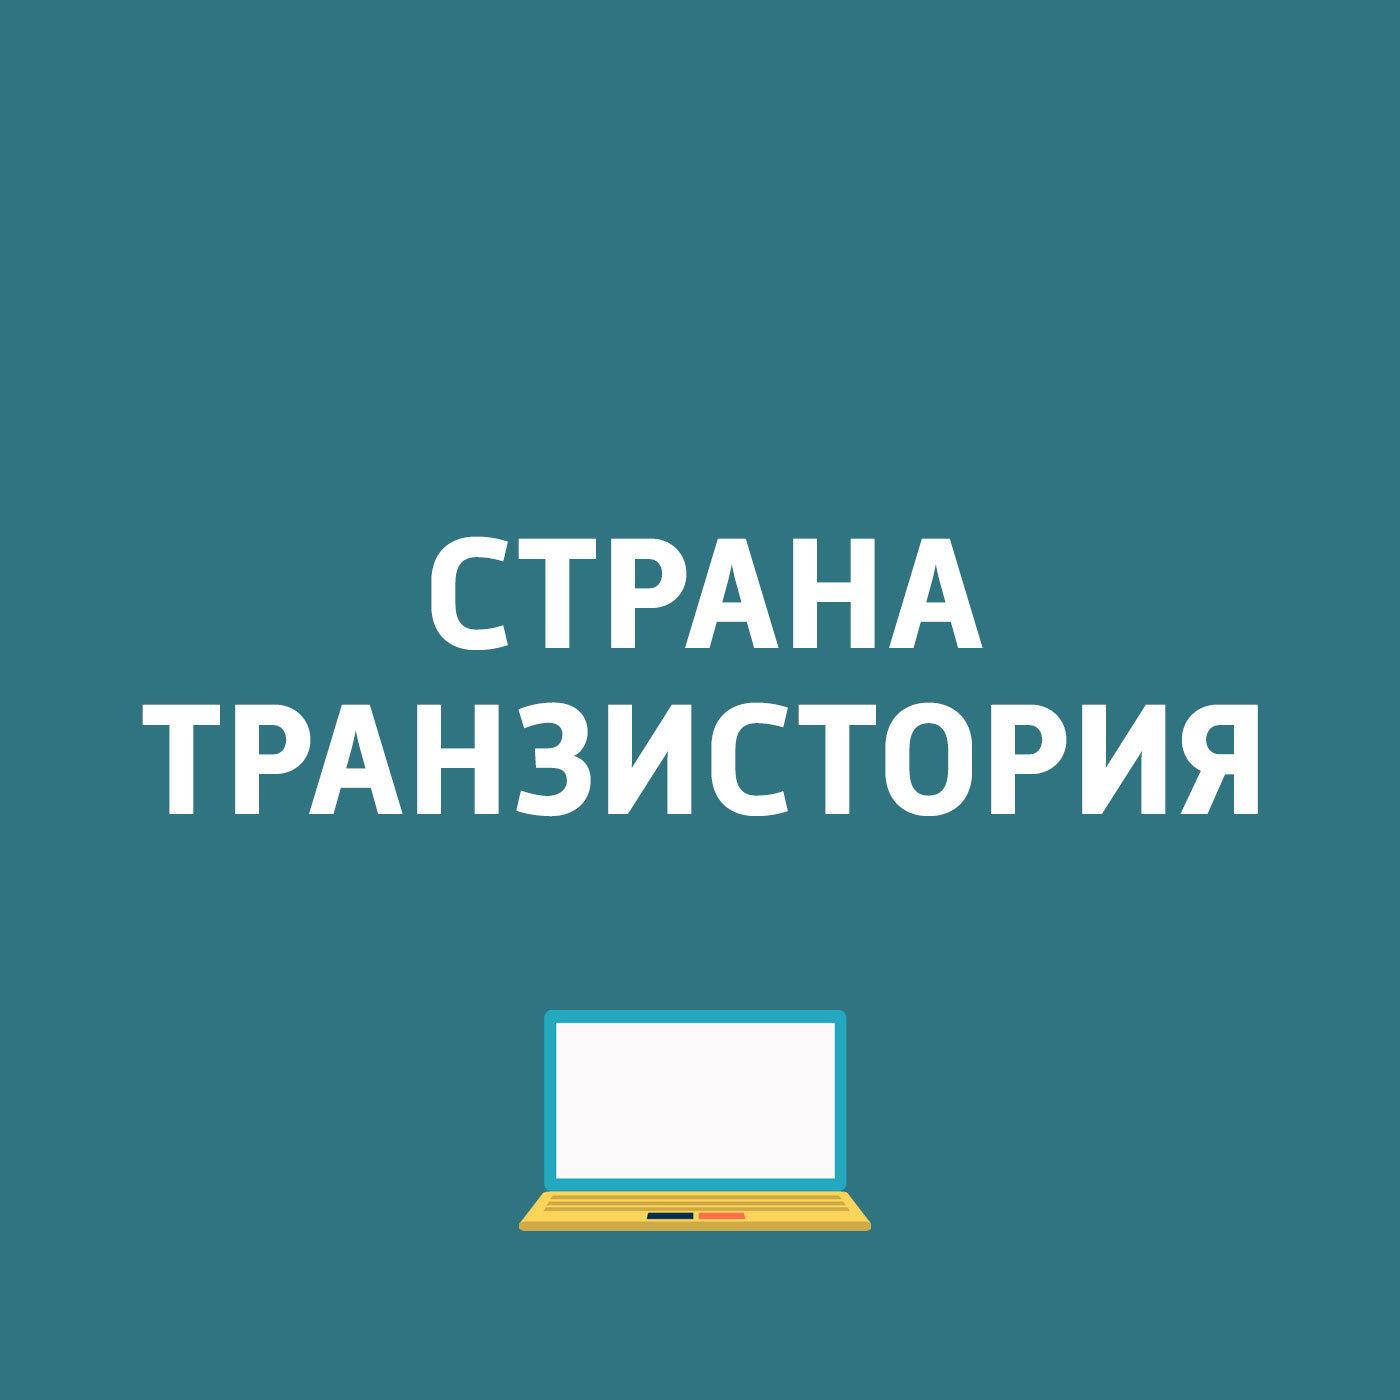 Идеальная диагональ, следующая ОС Android, анонимность в mail.ru